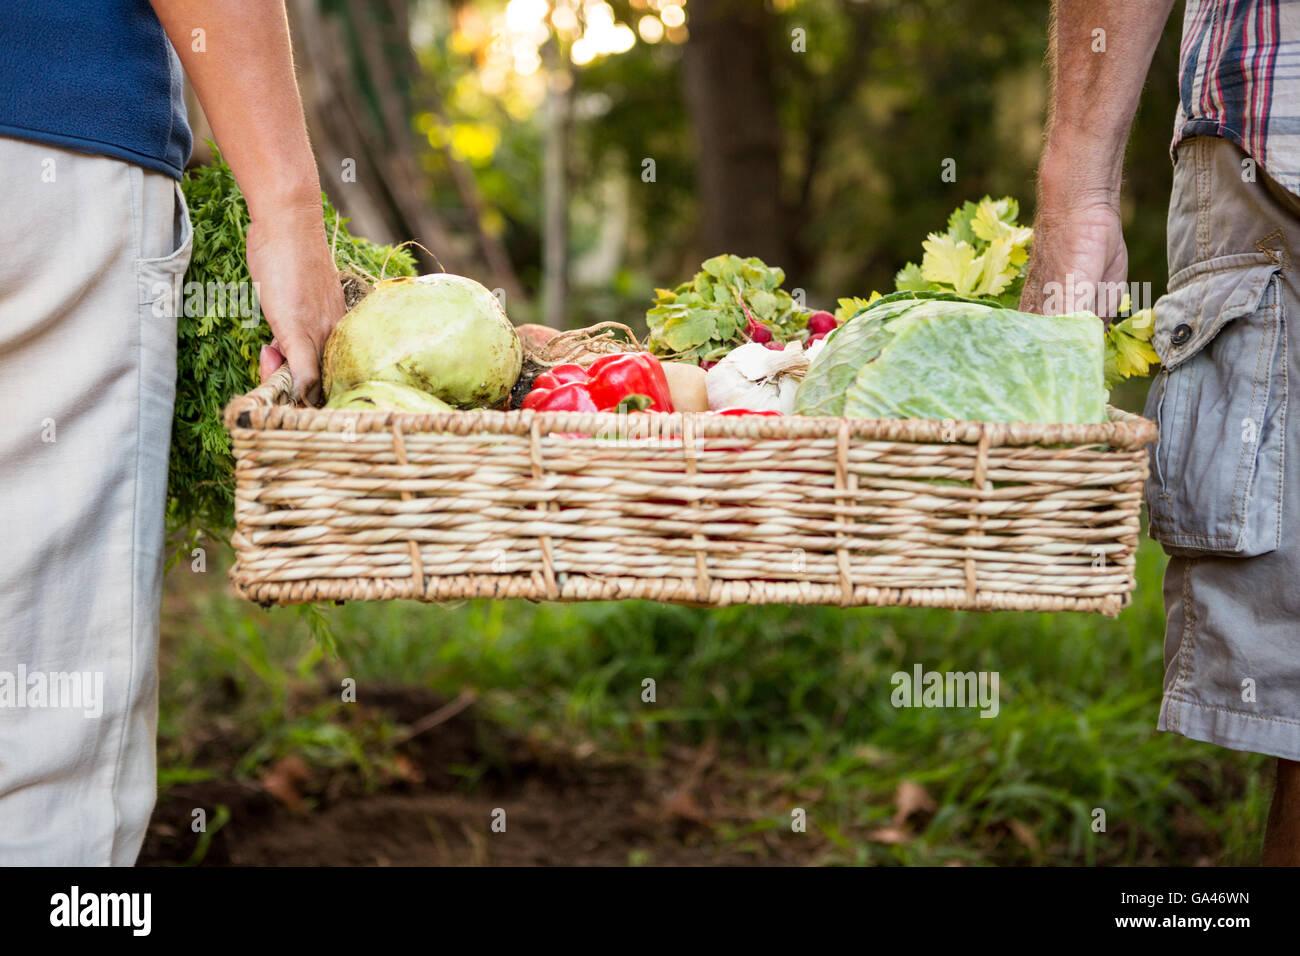 Sección media de la colega llevar hortalizas crate en el jardín Imagen De Stock